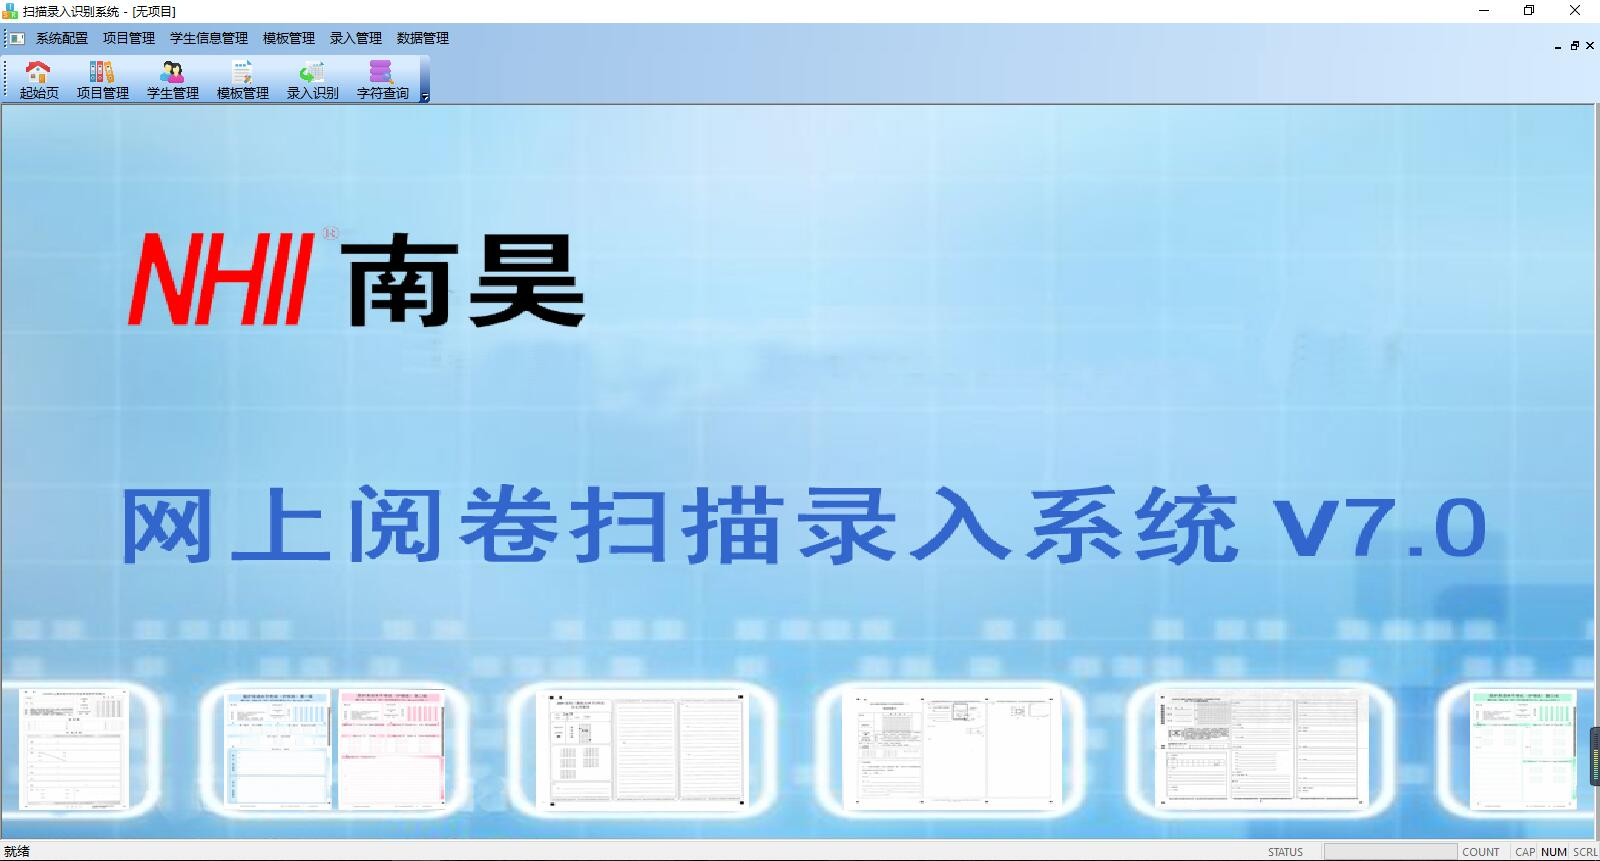 定期免费升级网上阅卷系统 网上阅卷系统价格|新闻动态-河北文柏云考科技发展有限公司